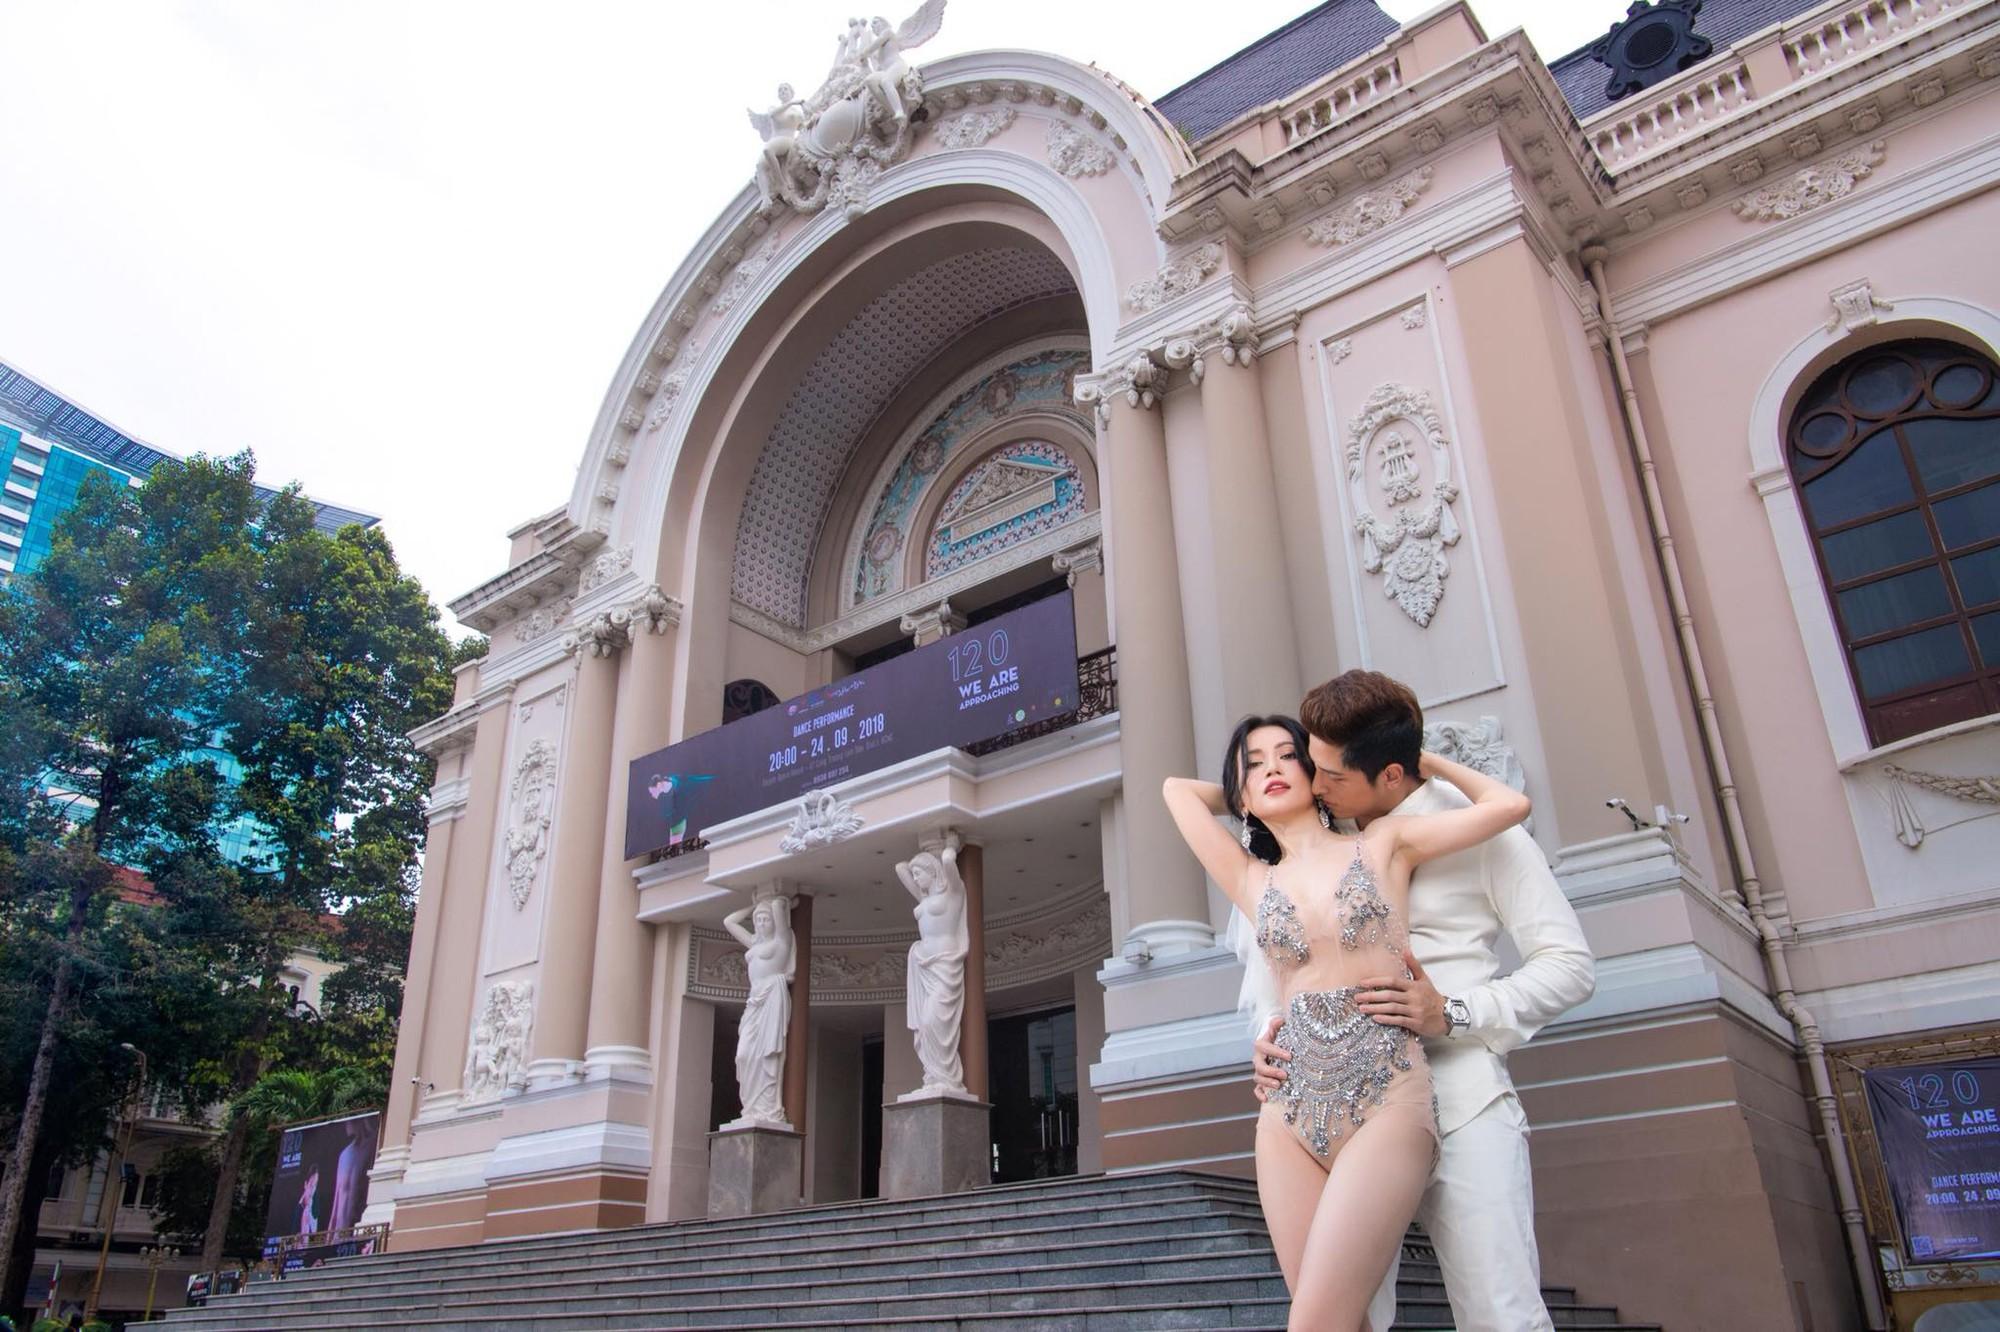 Sĩ Thanh chụp ảnh cưới sexy ở trung tâm thành phố bị chỉ trích - Ảnh 1.